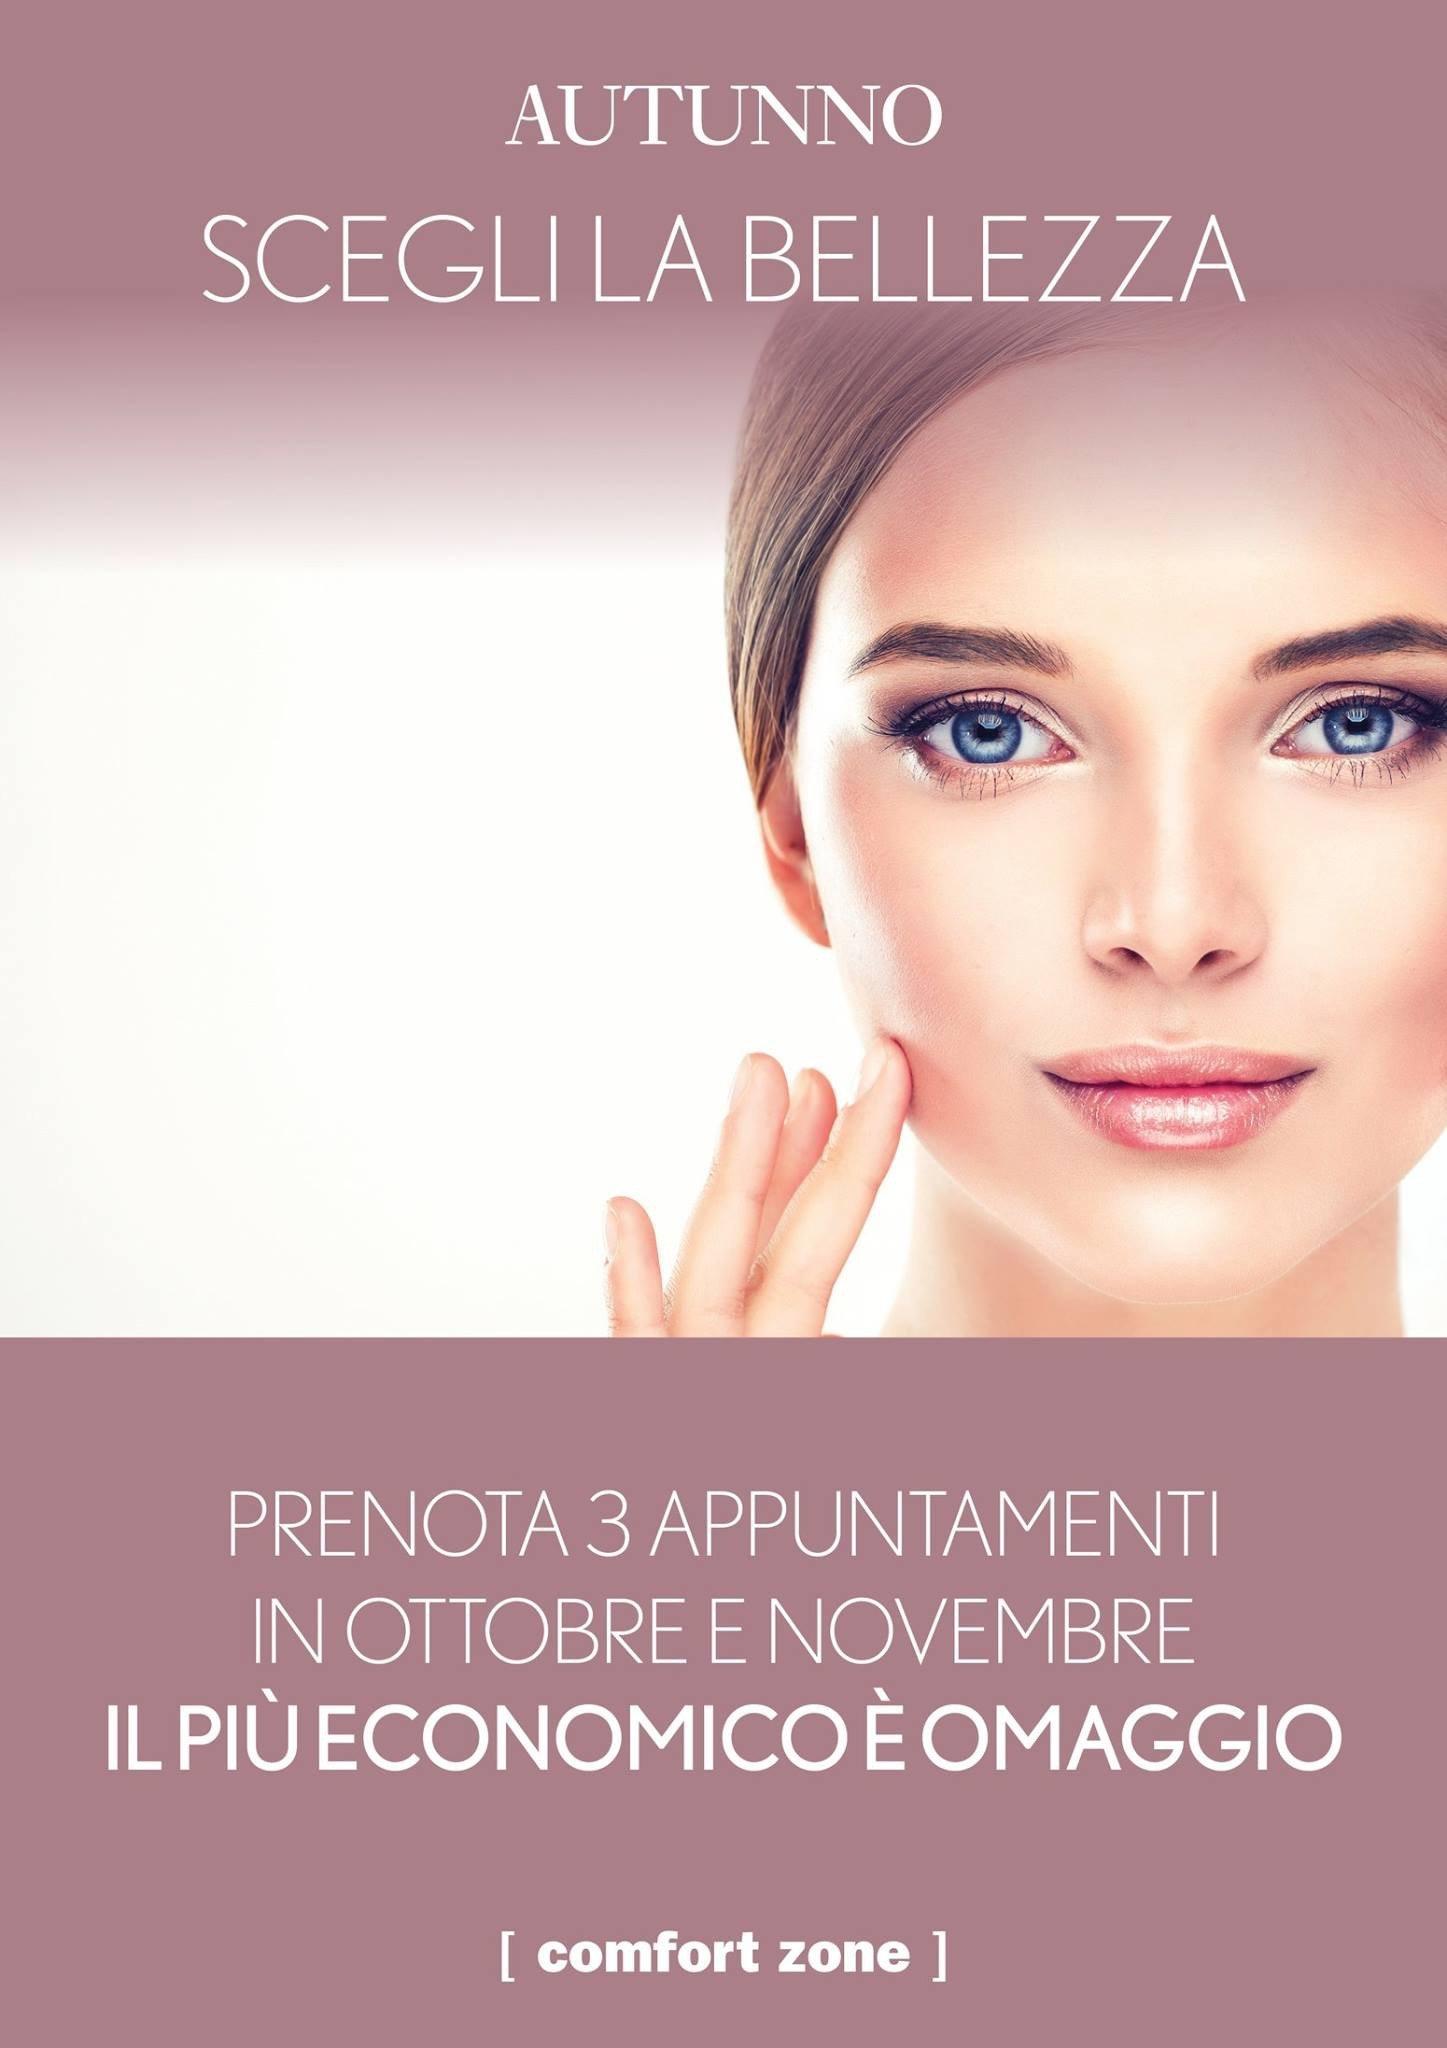 promozione pulizia viso con trattamento con acido ialuronico